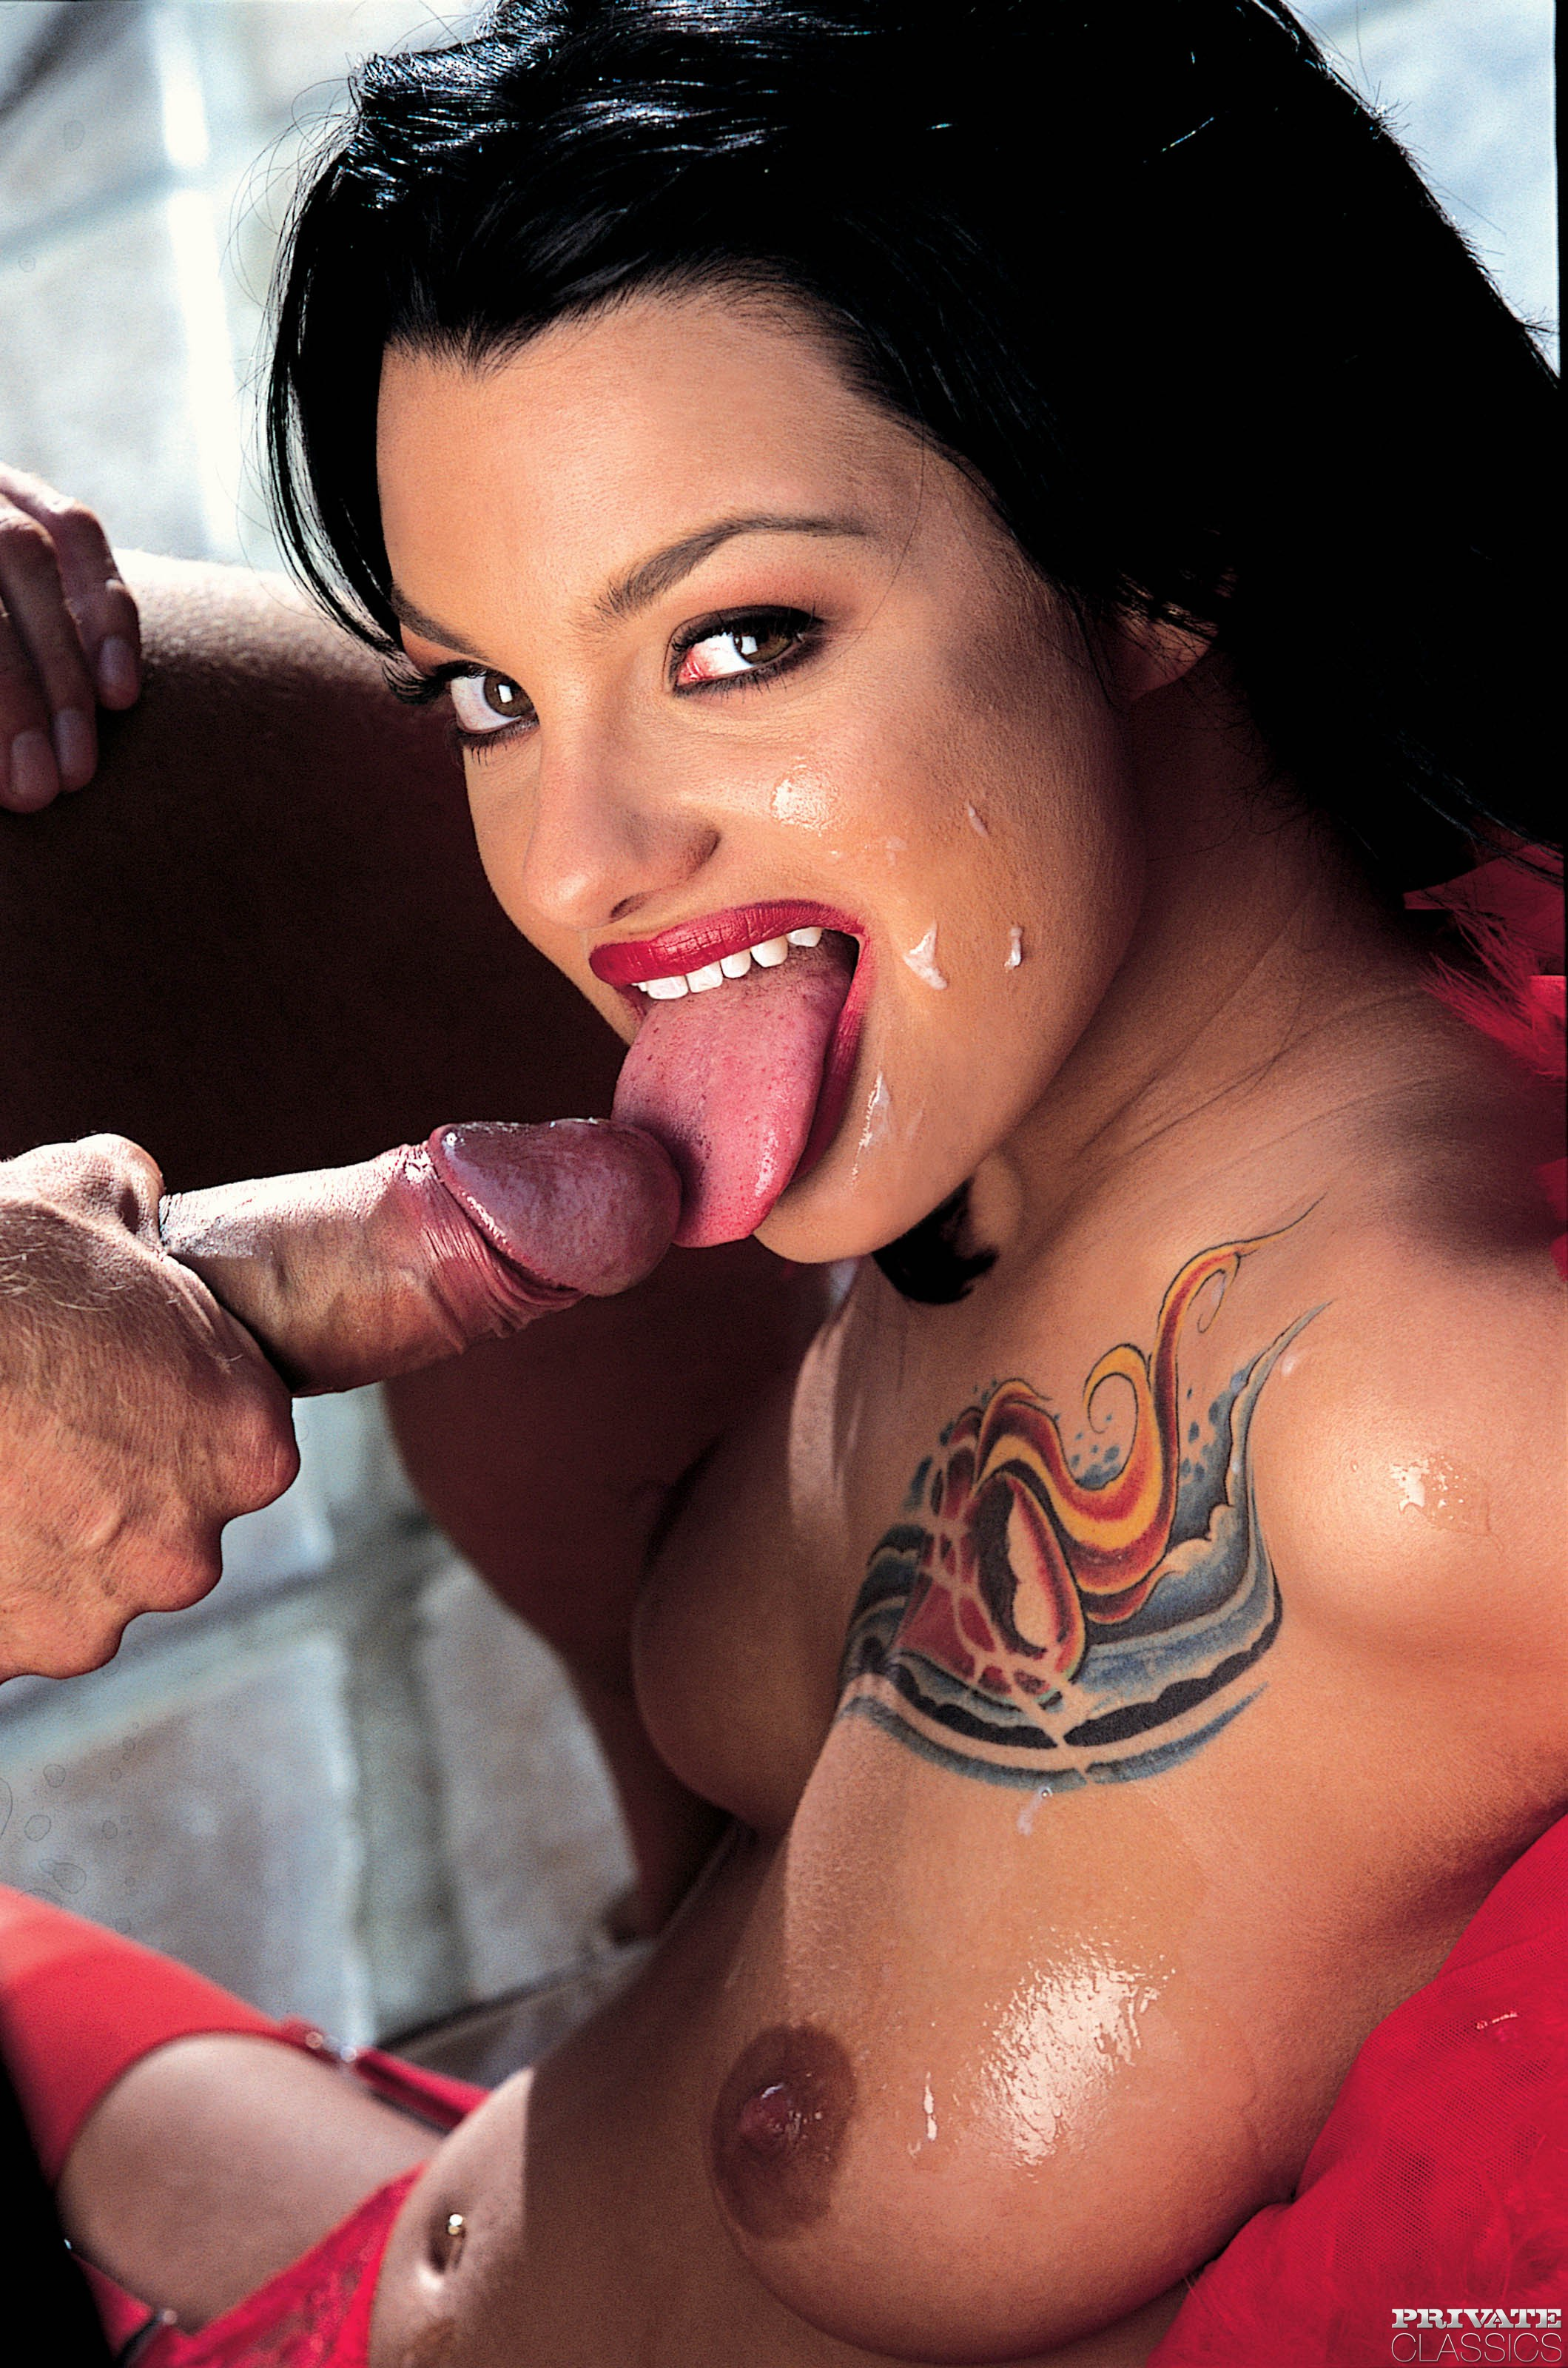 Vídeos porno de Belladonna gratis - Página Más